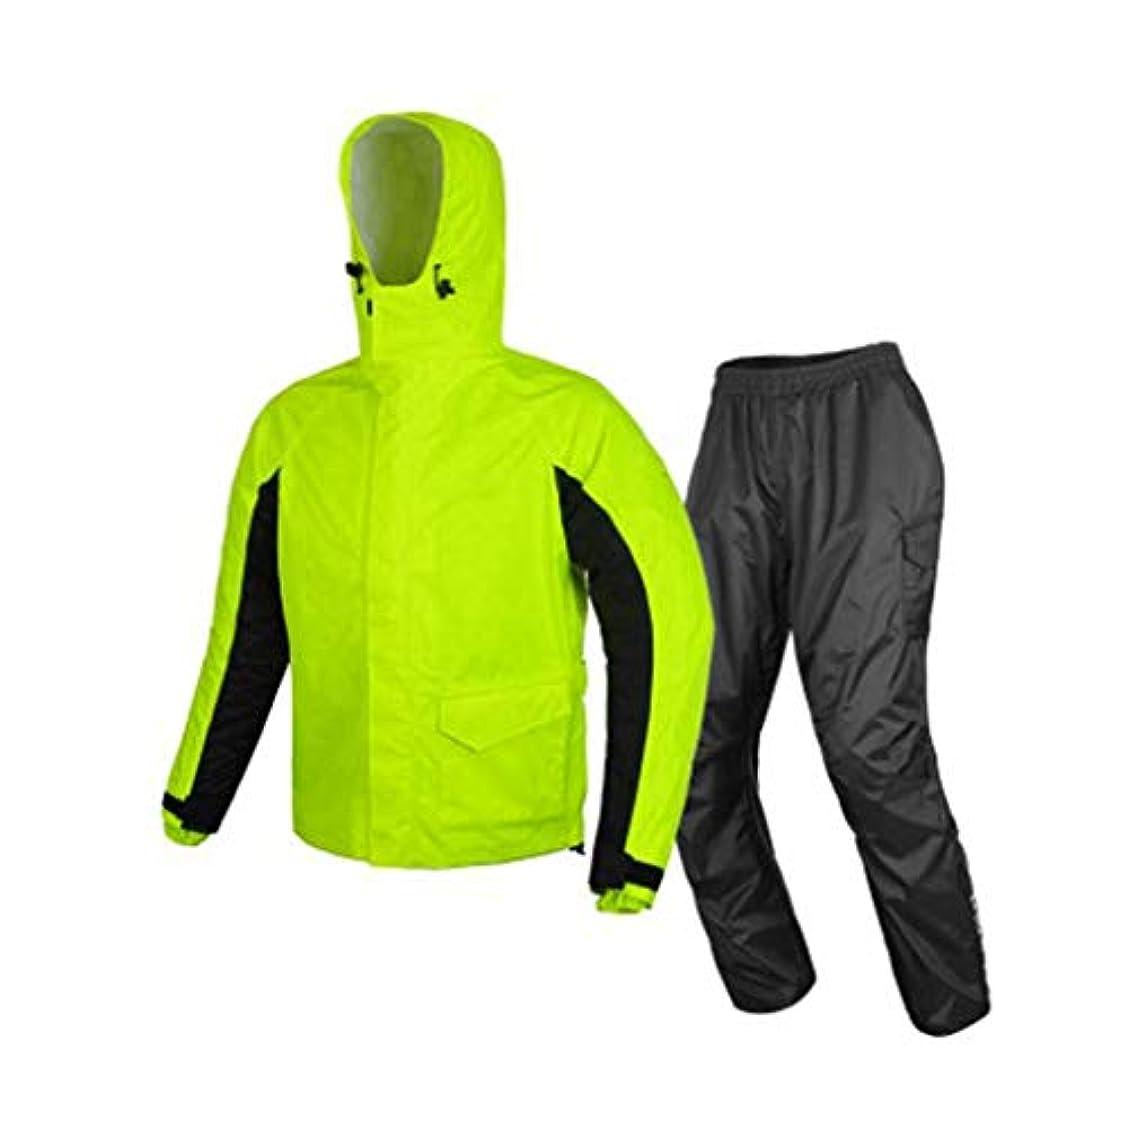 光景保持する悪名高いJTWJ レインコートレインパンツスーツ分割旅行反射通気性レインコート、キャンプ、ハイキング、その他の野外活動に適しています(ブラック/蛍光グリーン) (色 : 蛍光緑色, サイズ さいず : S s)